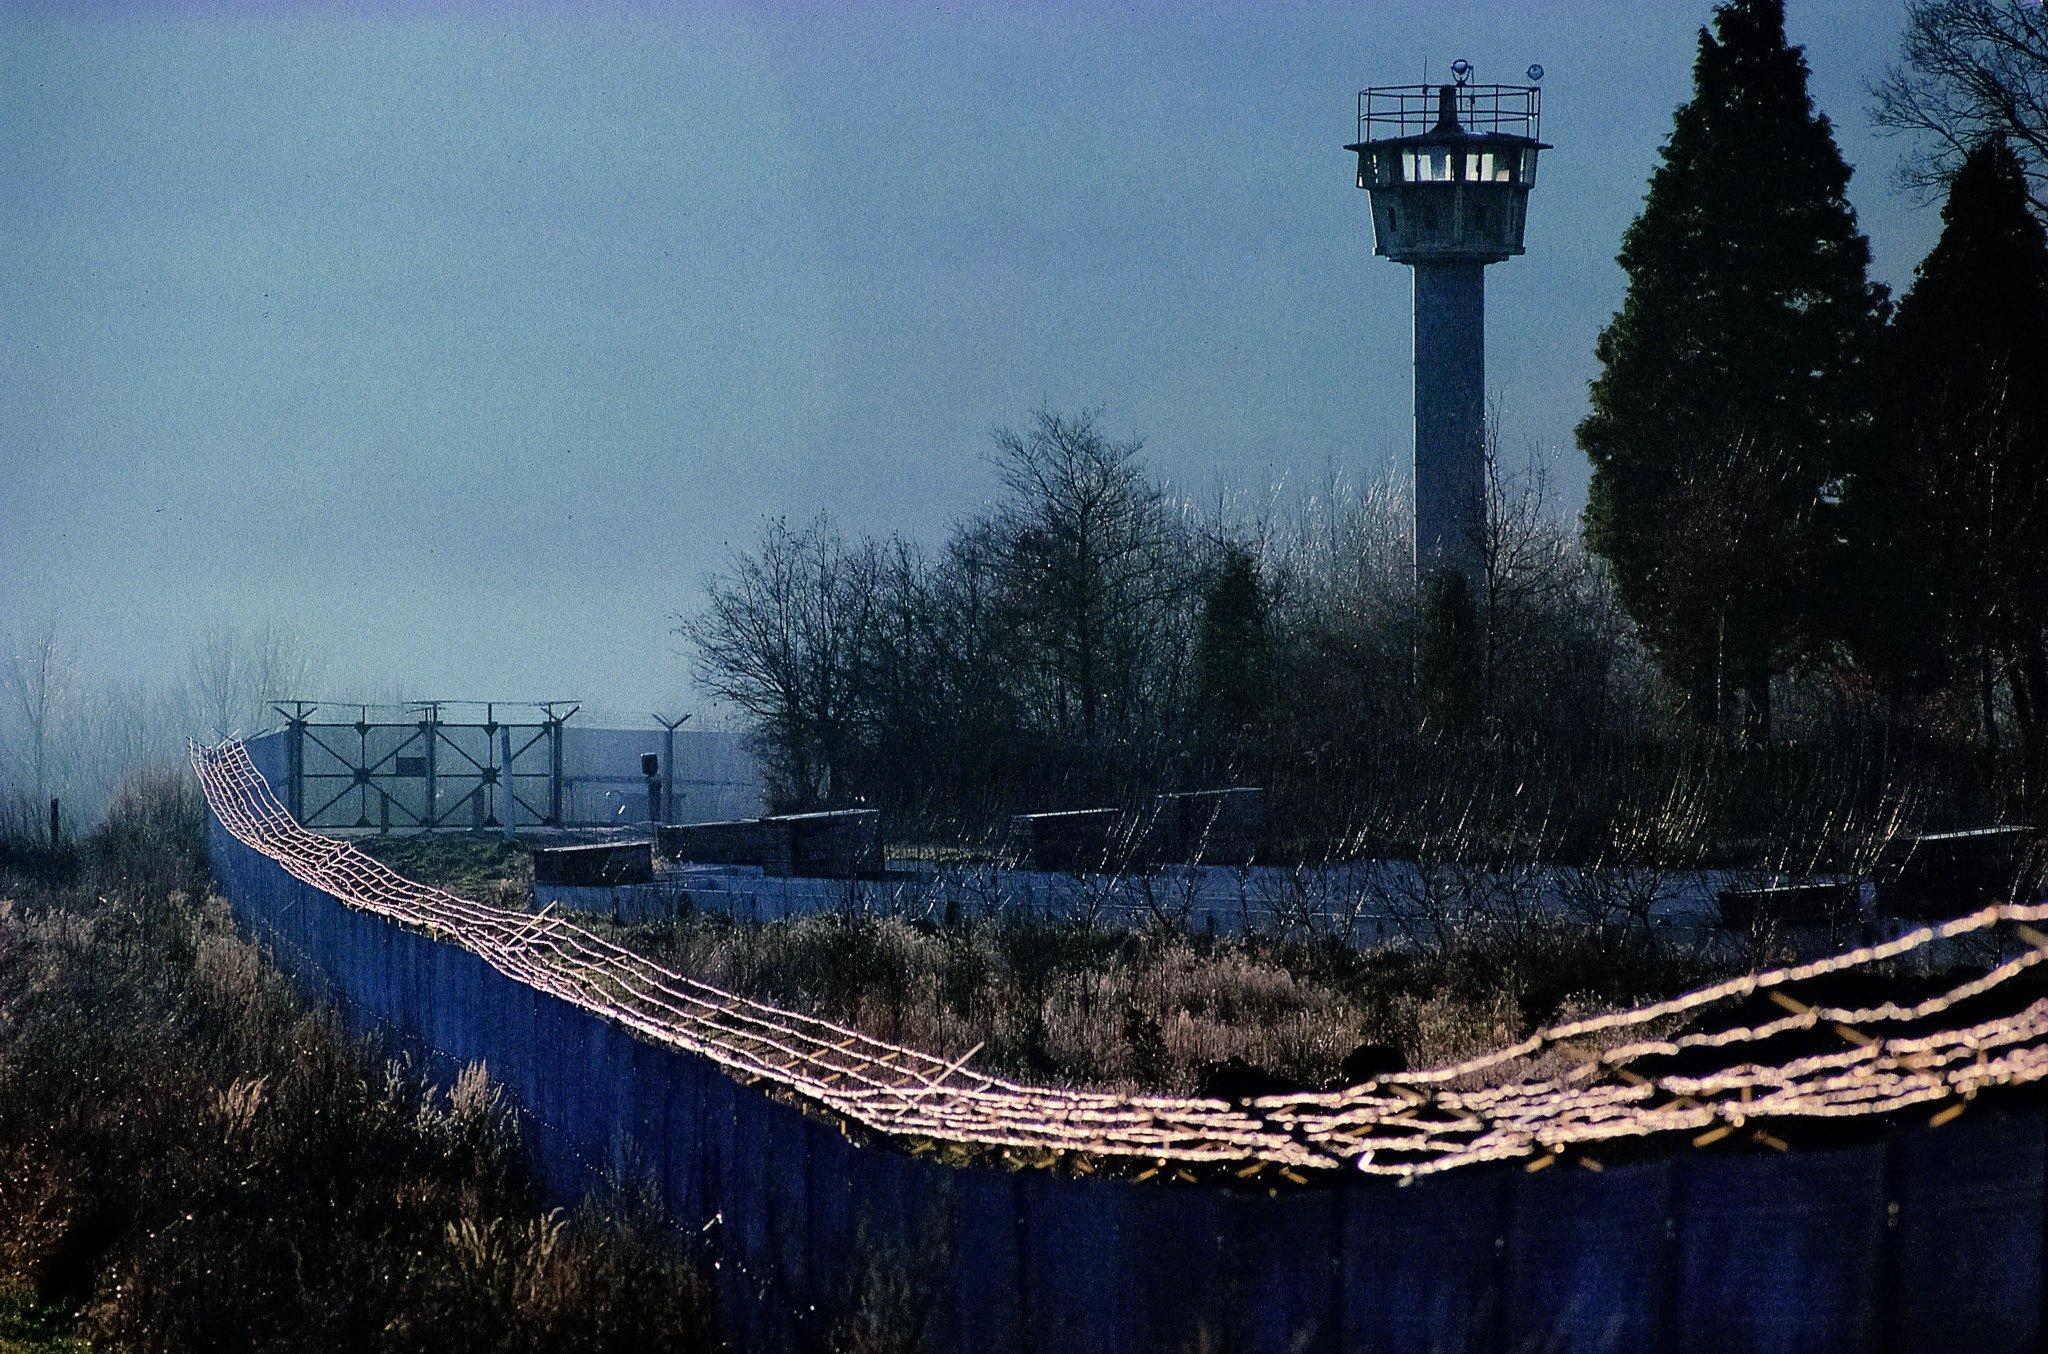 Stacheldrahtbewehrte Zäune ziehen sich vor einem DDR-Wachturm entlang. Die Anlage wirkt brutal.